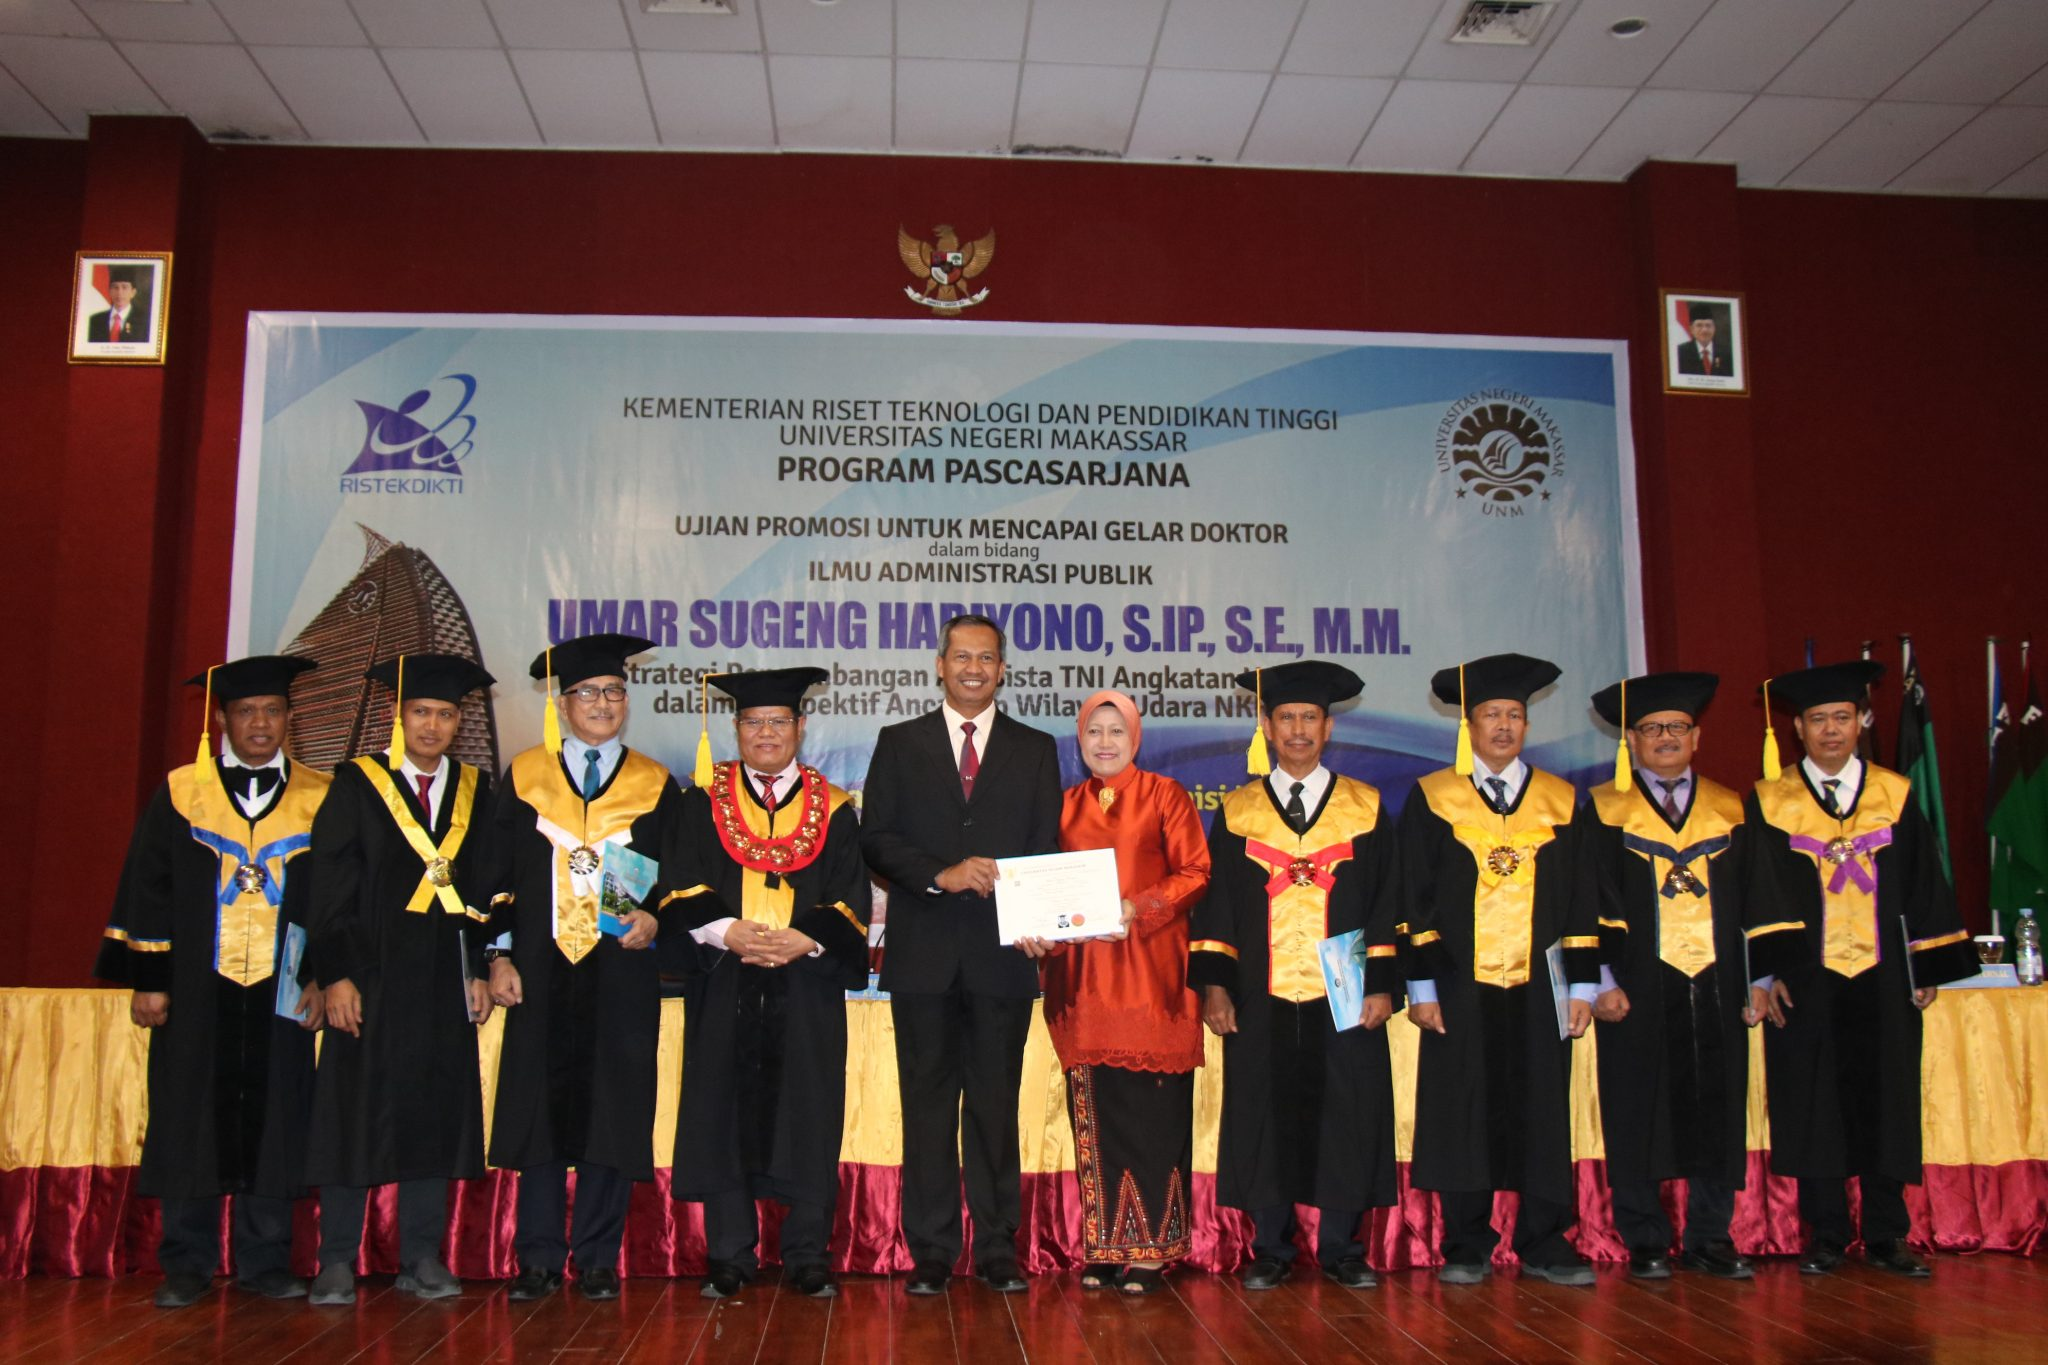 Koorsahli Kasau Marsekal Muda TNI Umar Sugeng Hariyono Resmi Menyandang Gelar Doktor